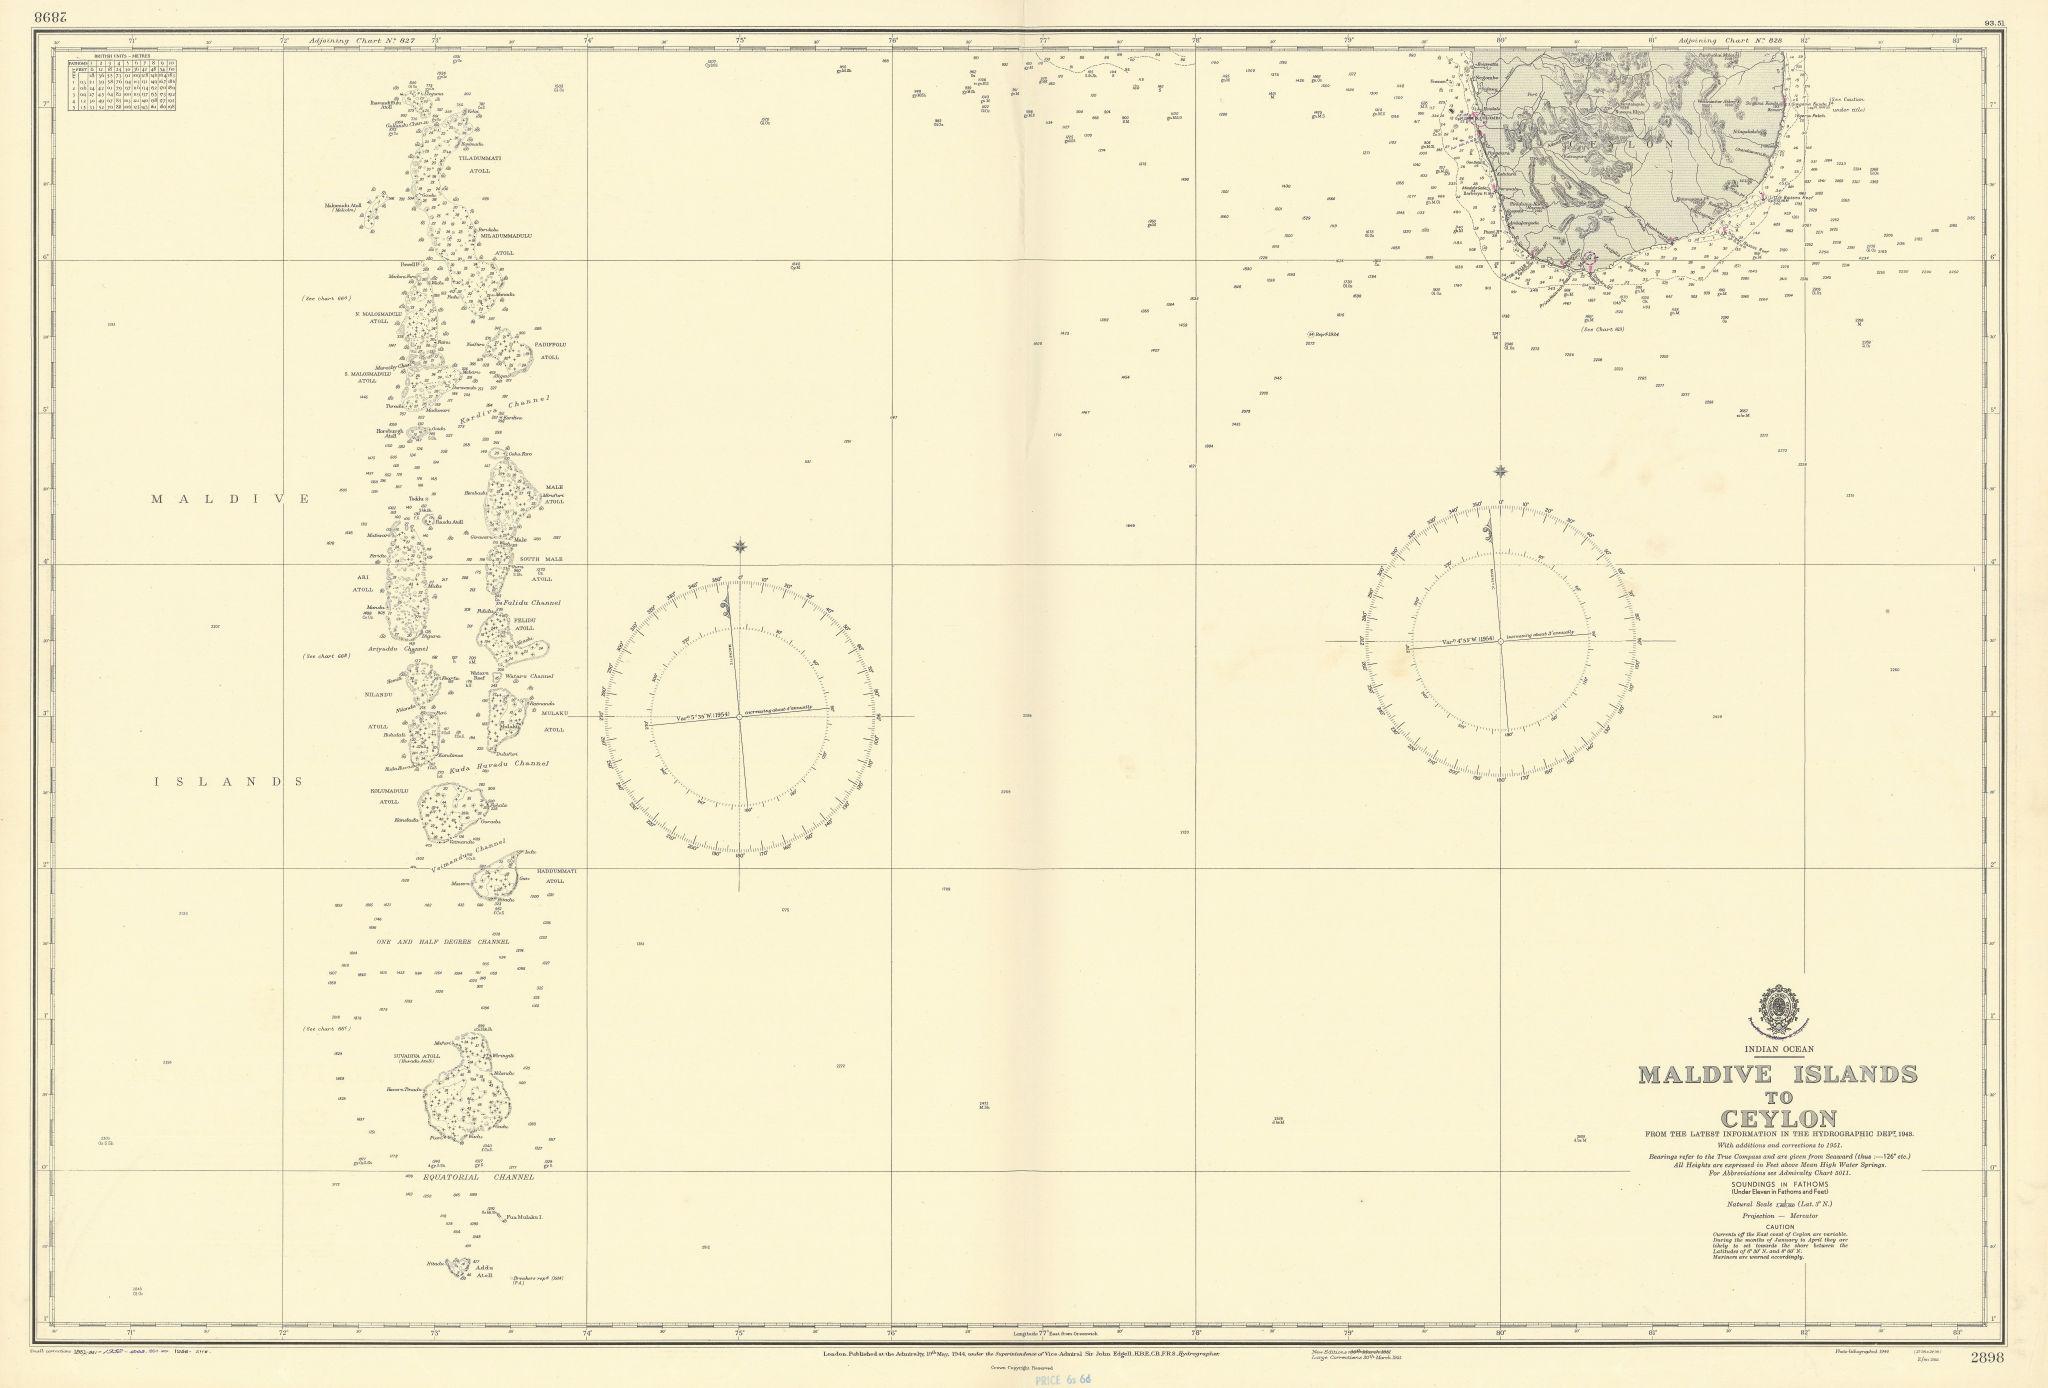 Maldives-Ceylon Indian Ocean Sri Lanka ADMIRALTY sea chart 1944 (1956) old map